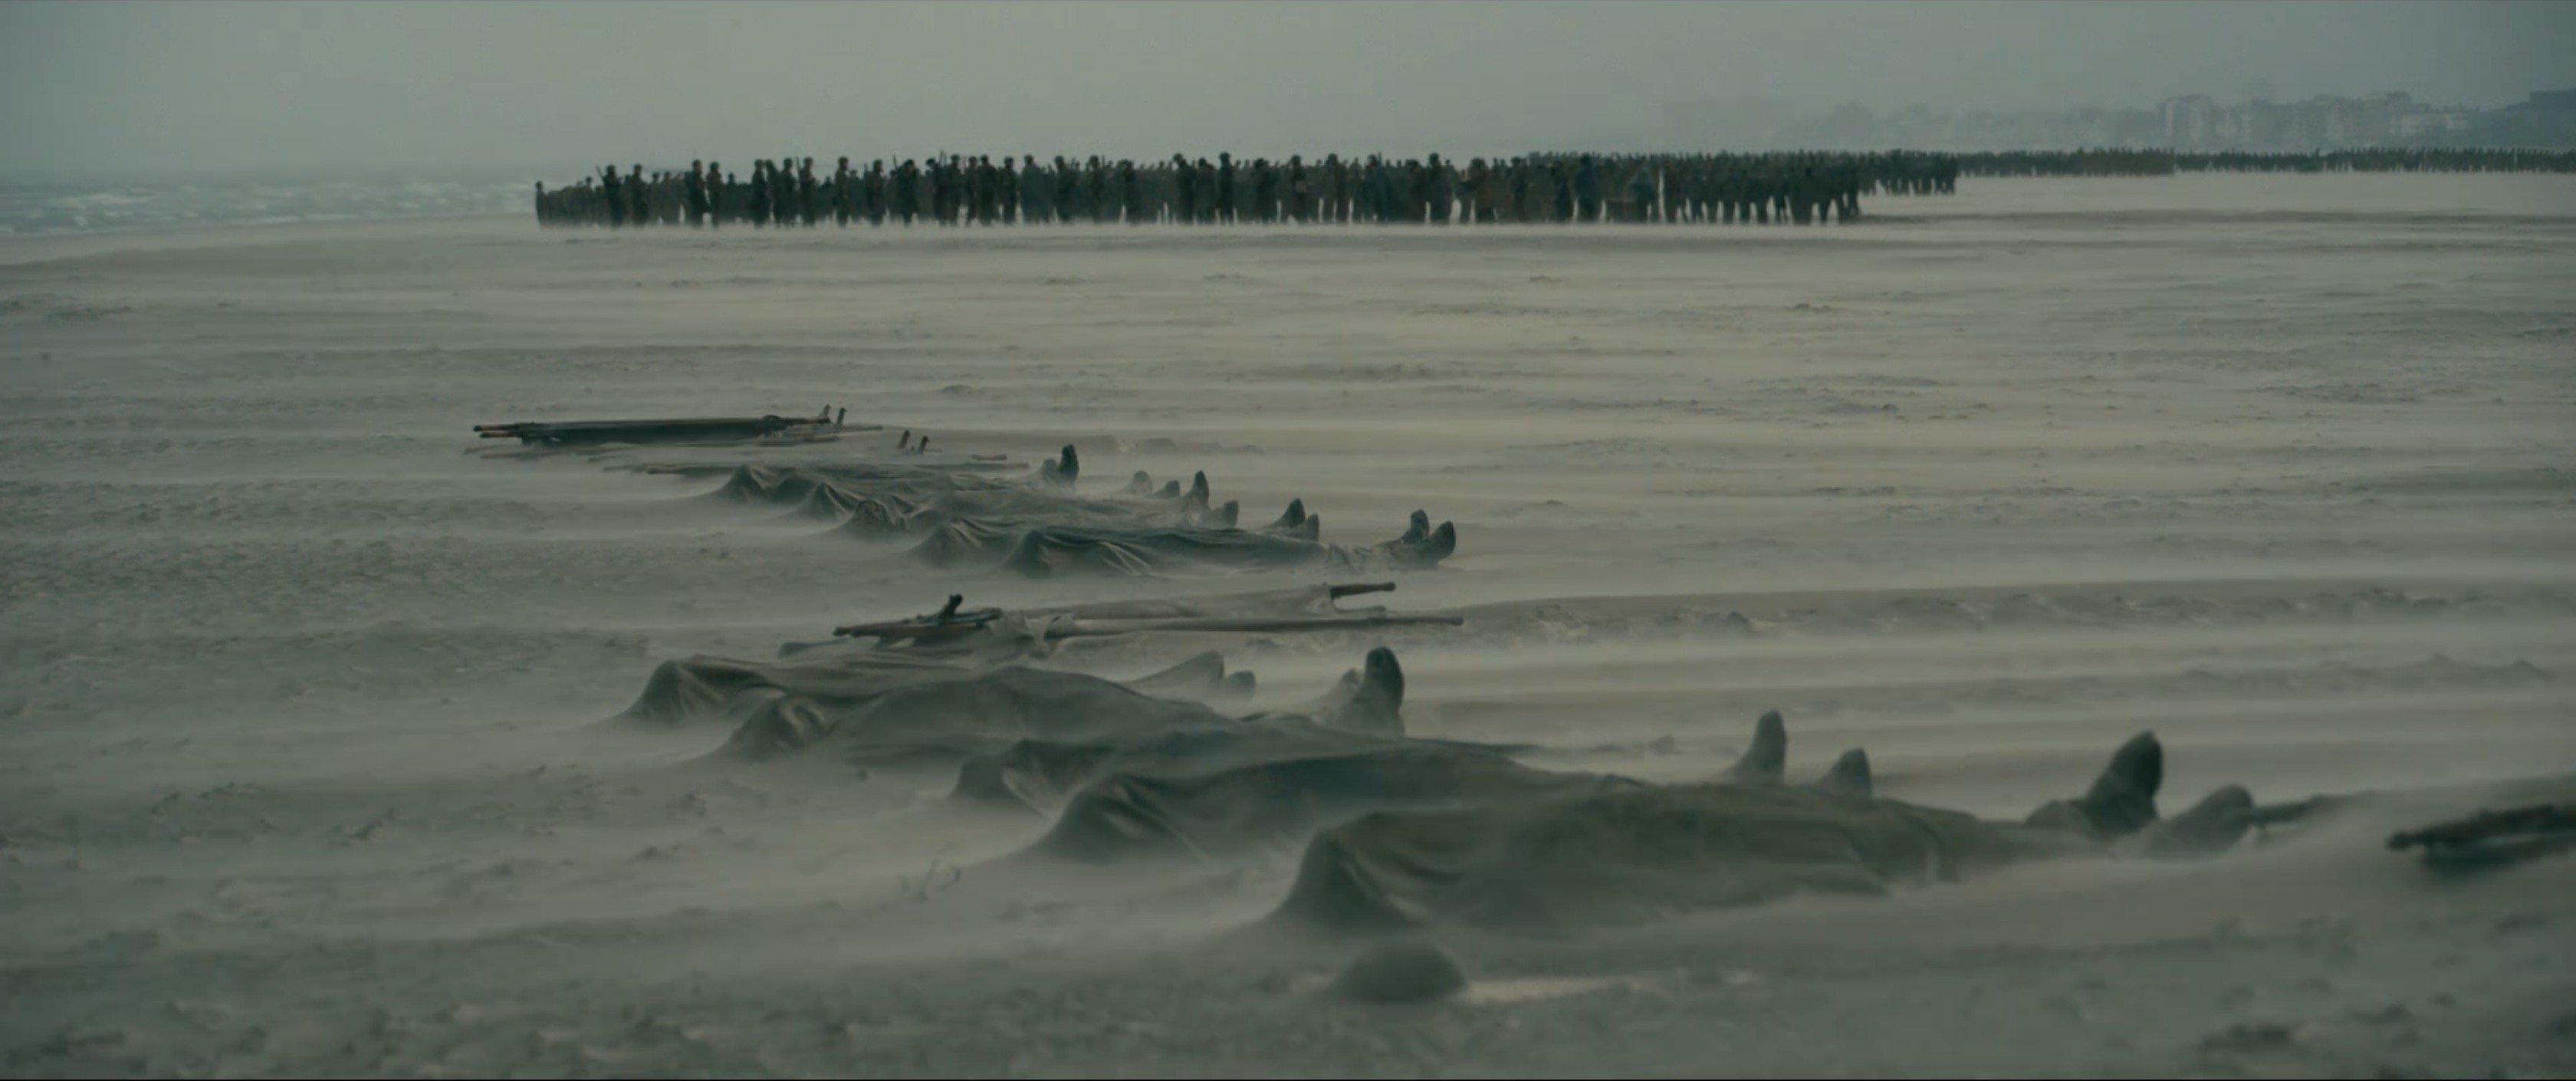 dunkerque-le-meilleur-film-de-nolan-36396.jpg